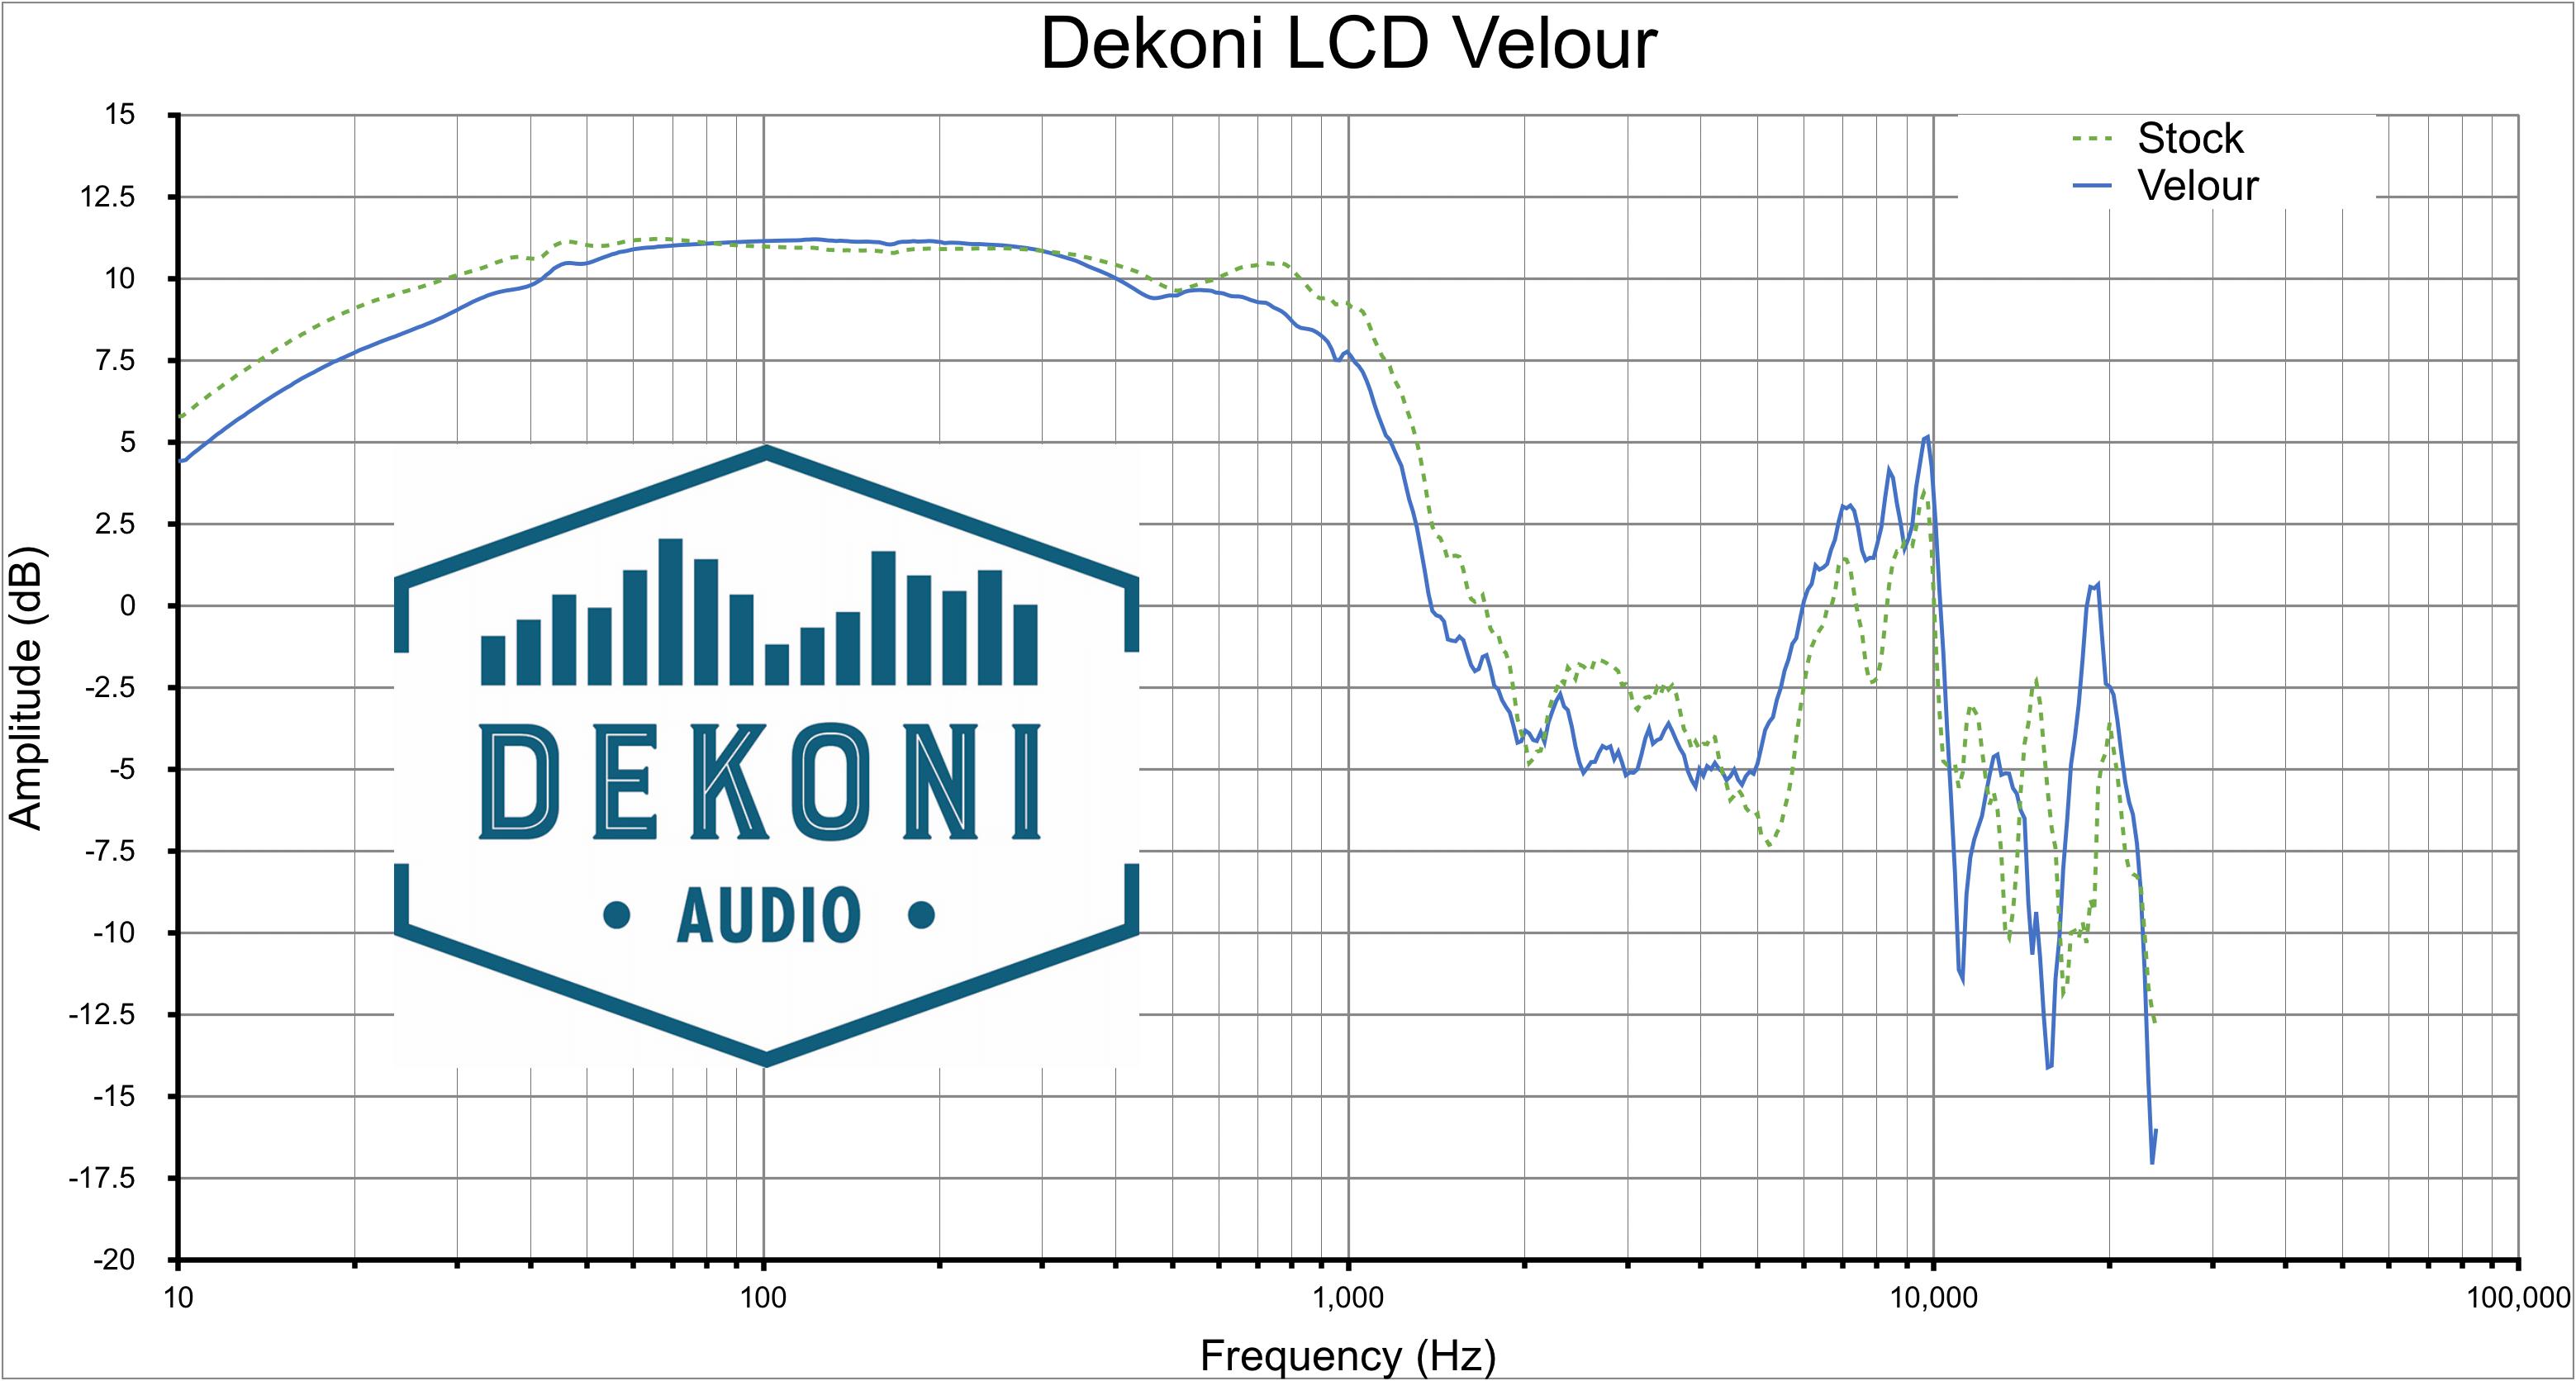 LCD Velour